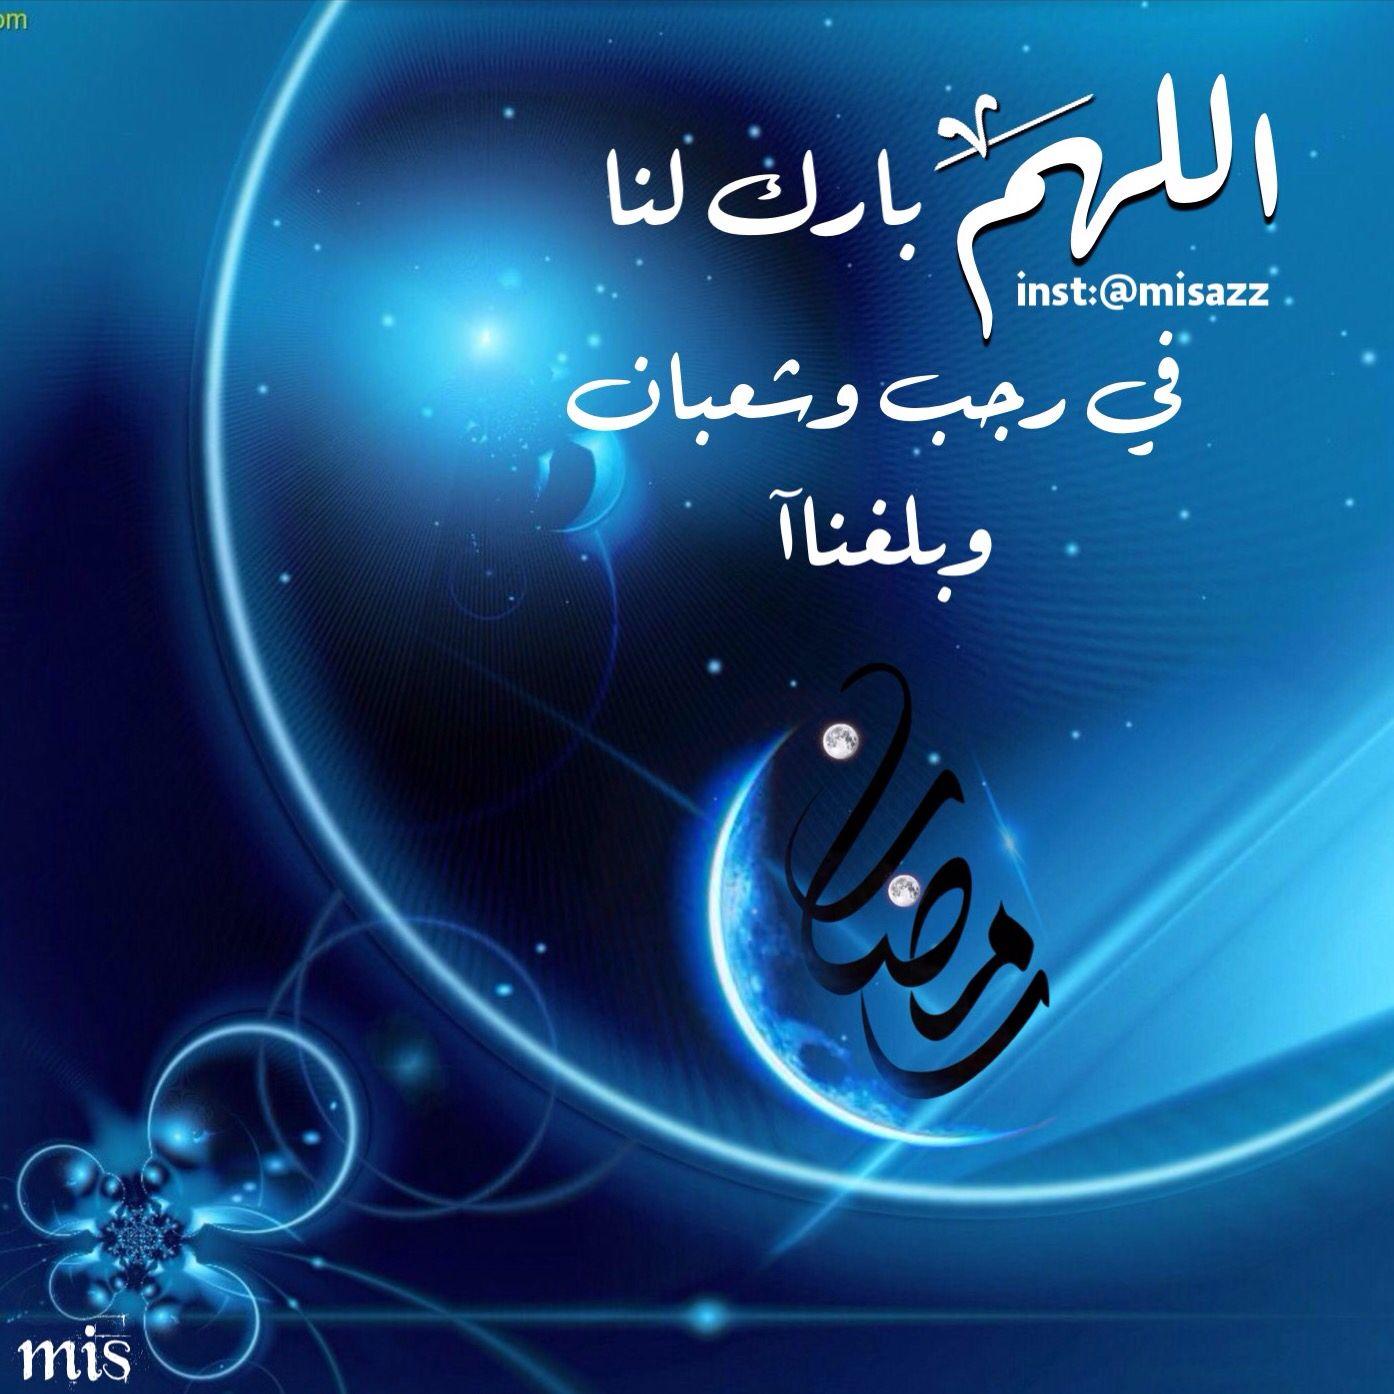 اللهم بارك لنا في شعبان وبلغناا رمضان Neon Signs Signs Neon